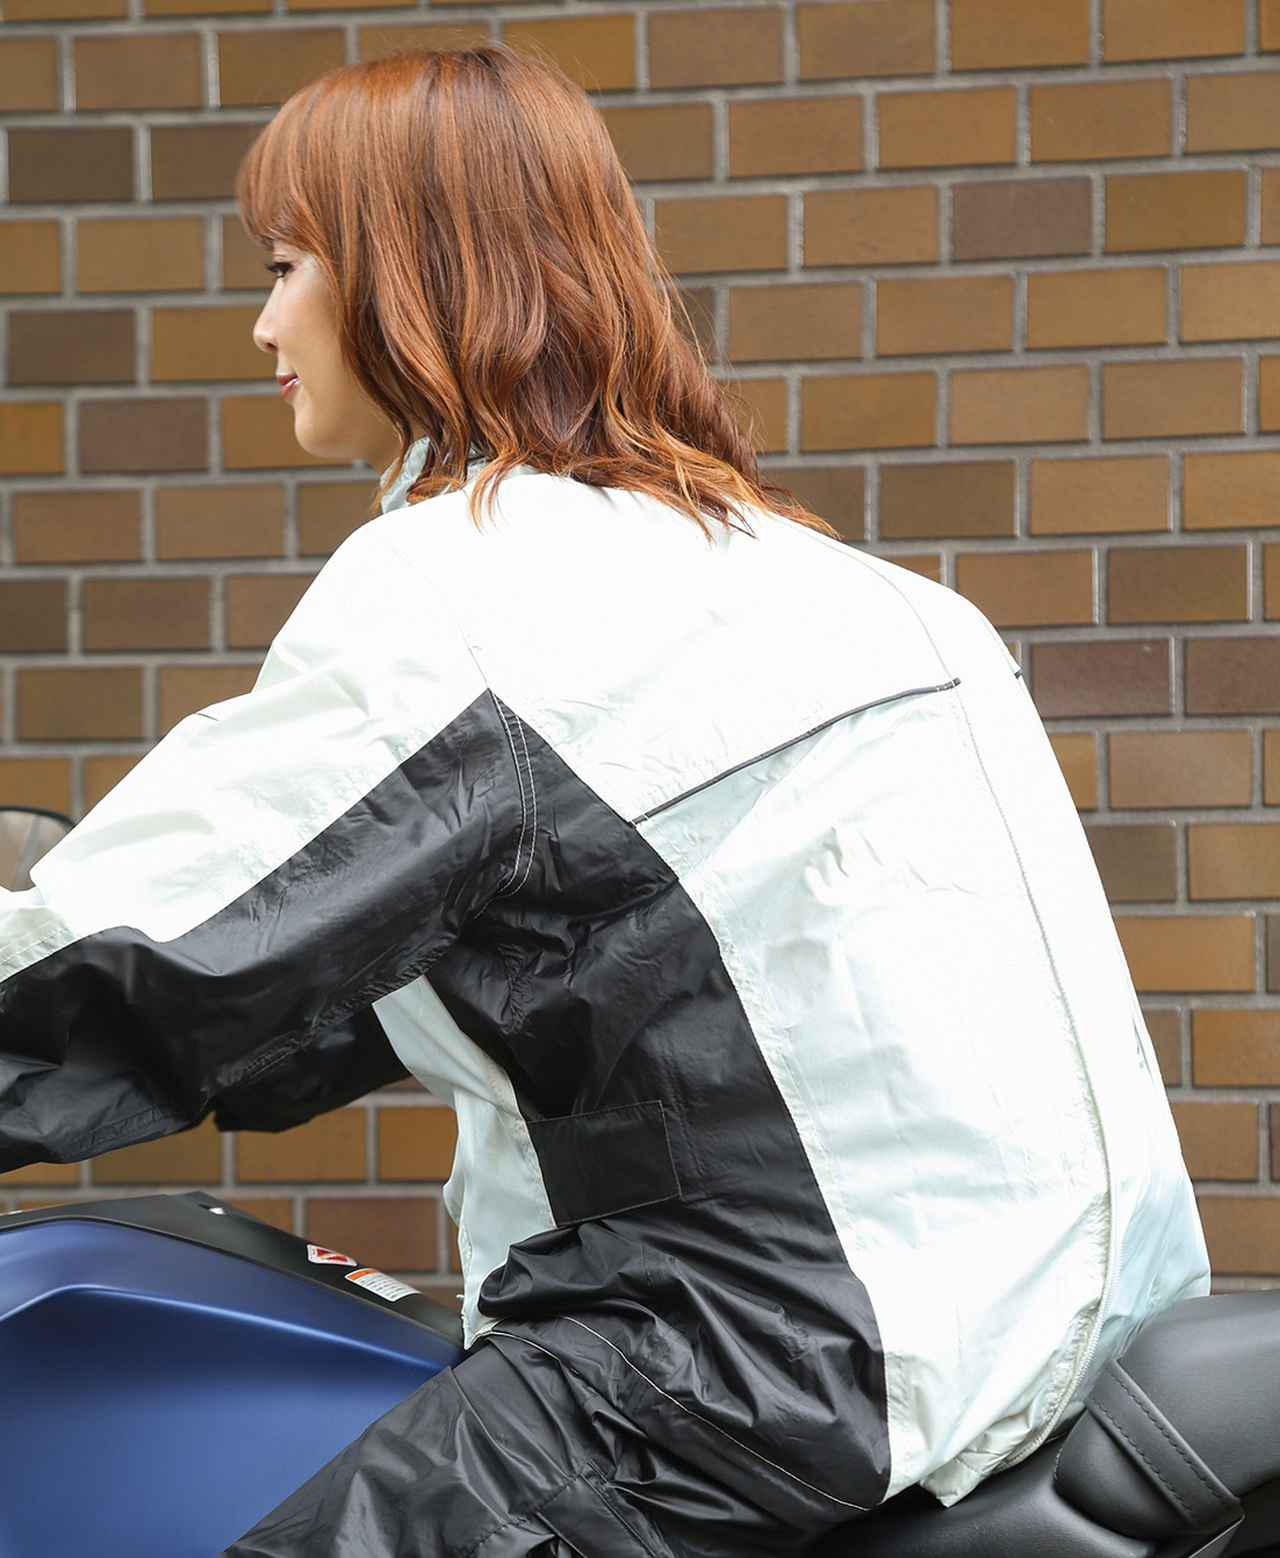 画像: リュックを背負ったまま着用できるよう開発されたレインウェアがかなり便利だった! - webオートバイ